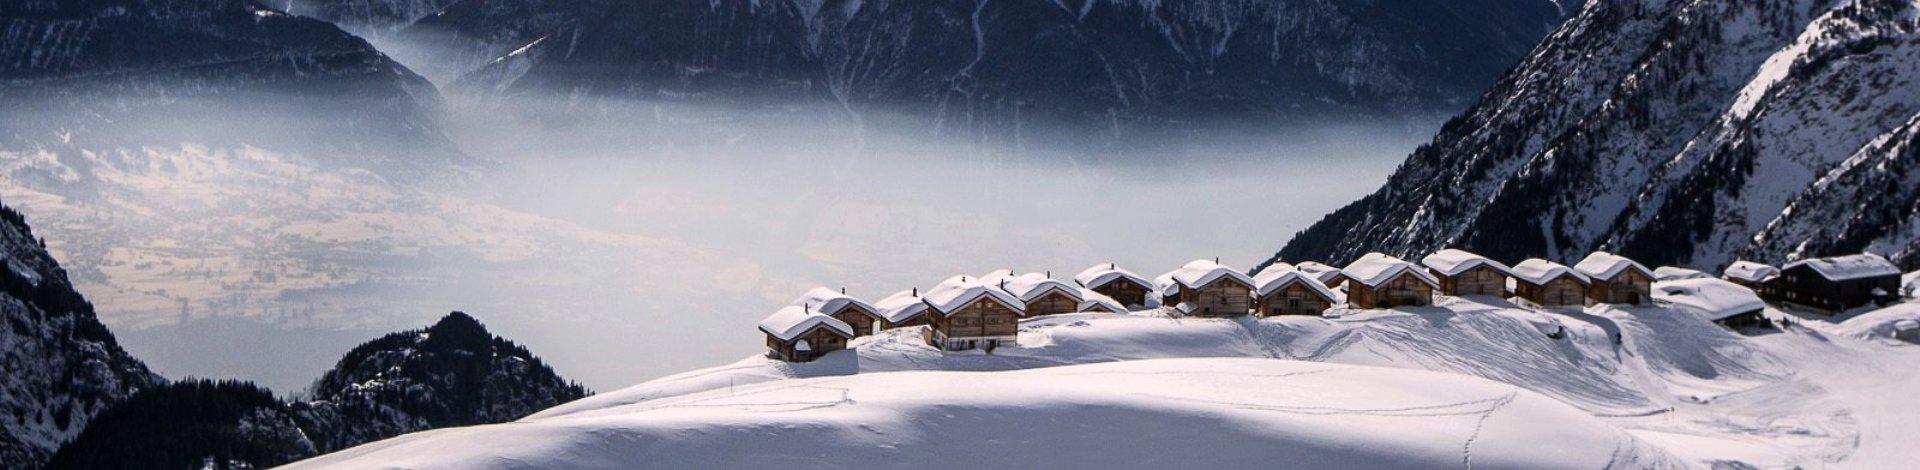 """Titelbild """"Winterurlaub: 12 Skihotels in Pistennähe"""". Hier zu sehen: Blick auf Hütten und Berge im Nebel."""